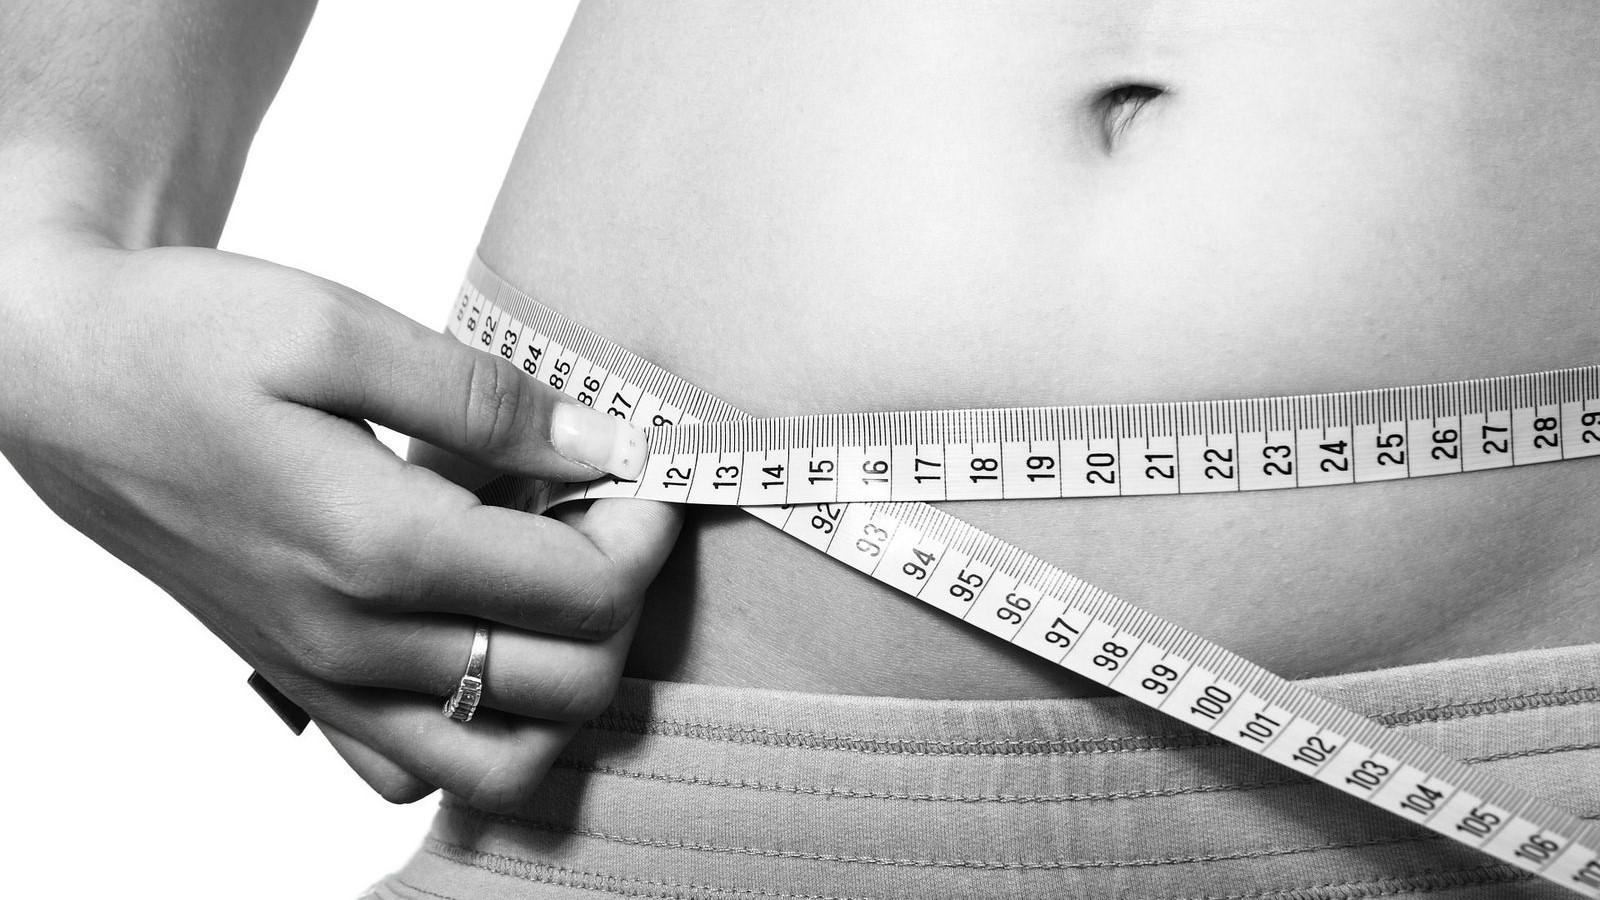 scădere în greutate în calitatea lumpur sațietate precoce, dar fără pierdere în greutate